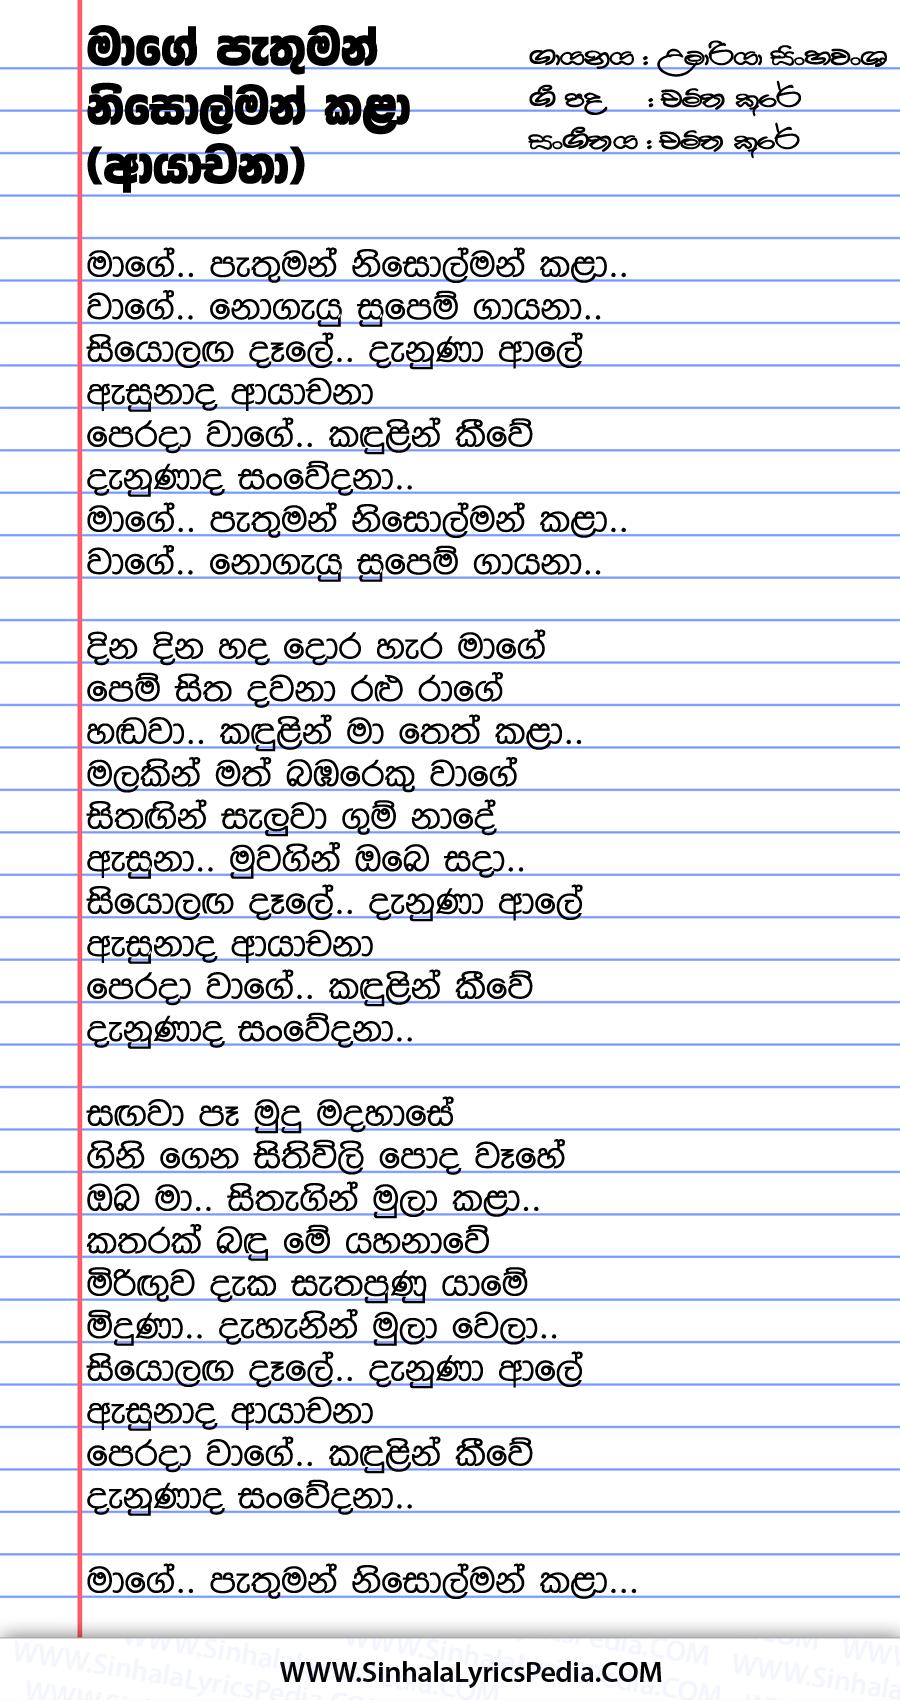 Mage Pathuman Nisolman Kala (Ayachana) Song Lyrics